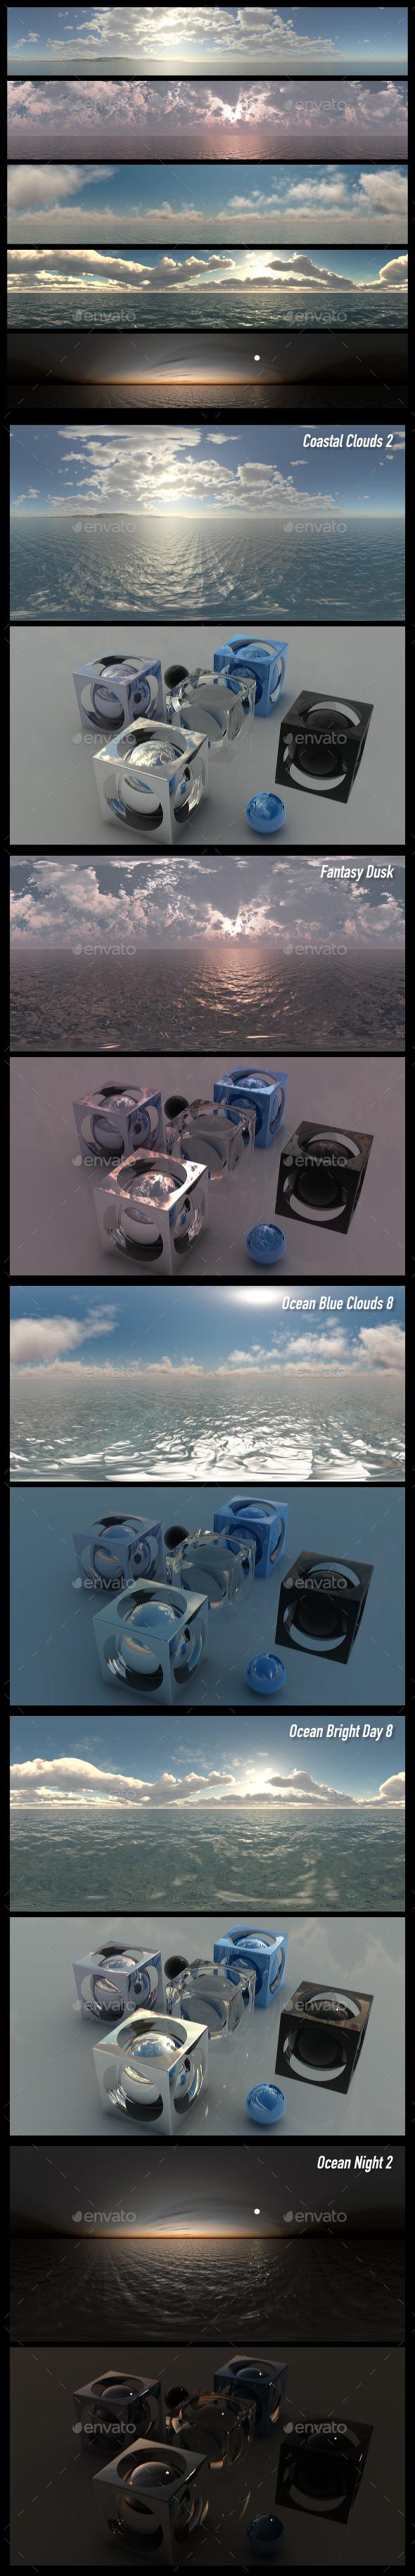 HDRI Pack 12 - 3DOcean Item for Sale